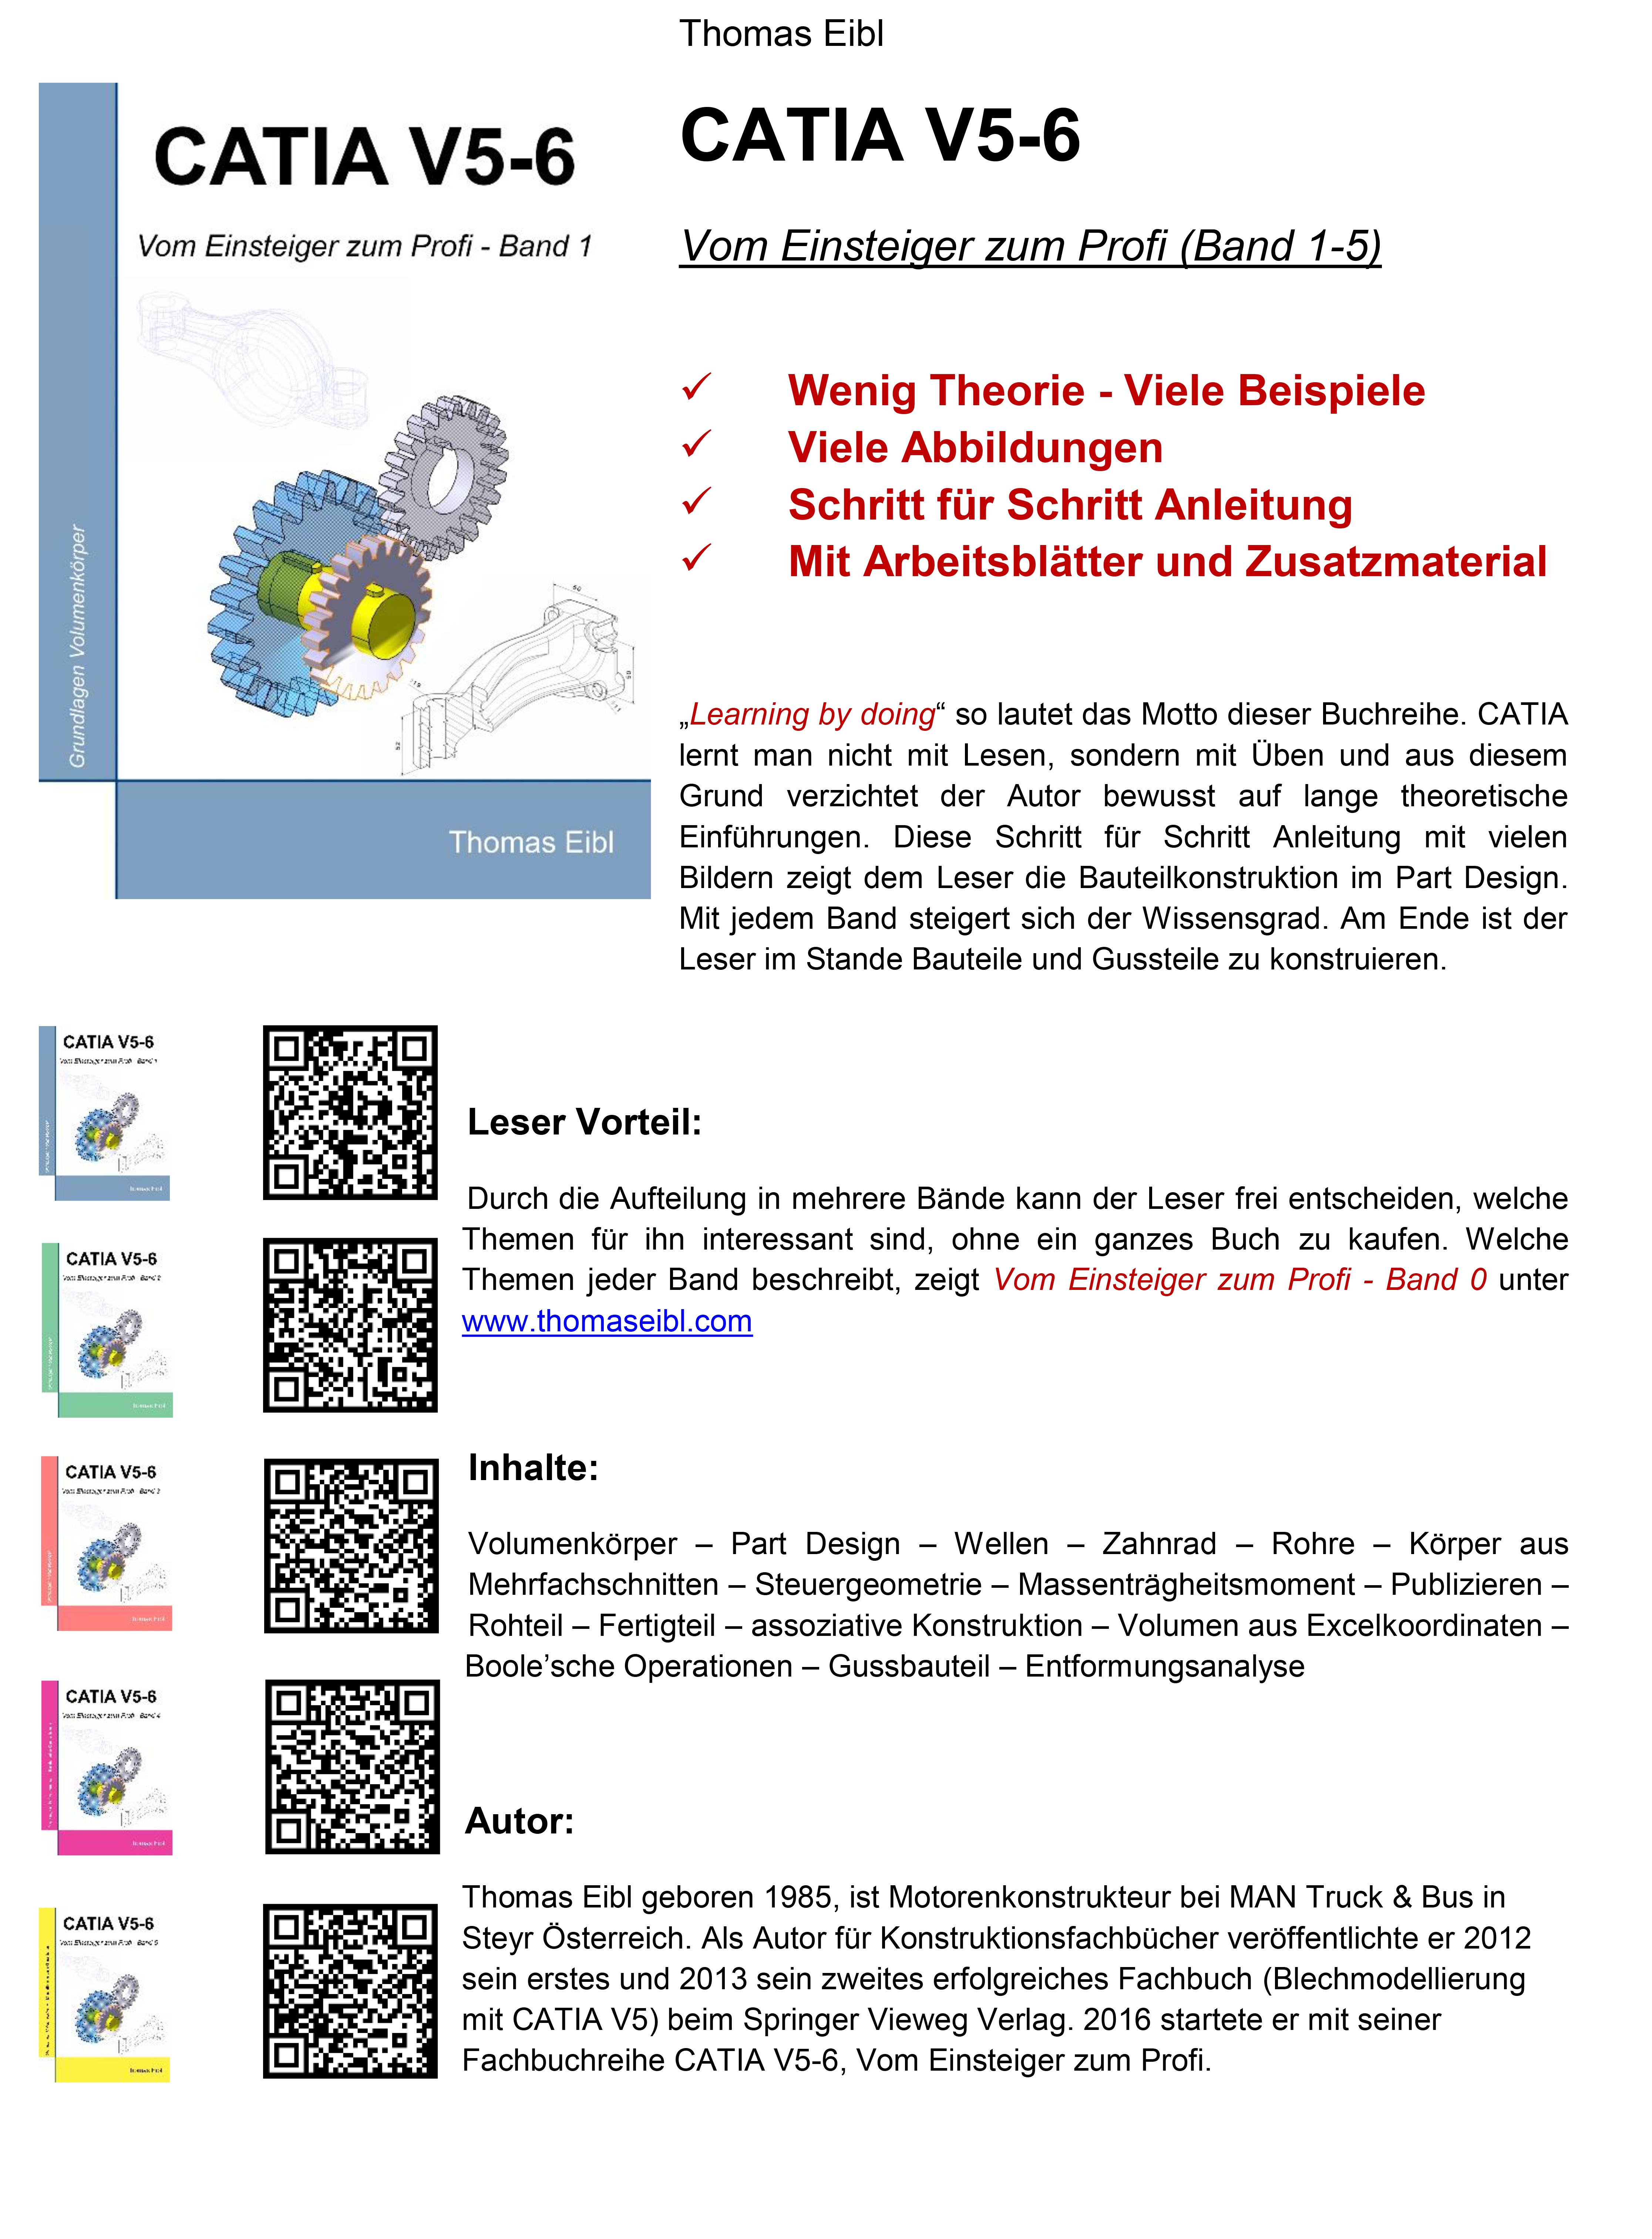 CAD Bereich - Thomas Eibl - Buchautor